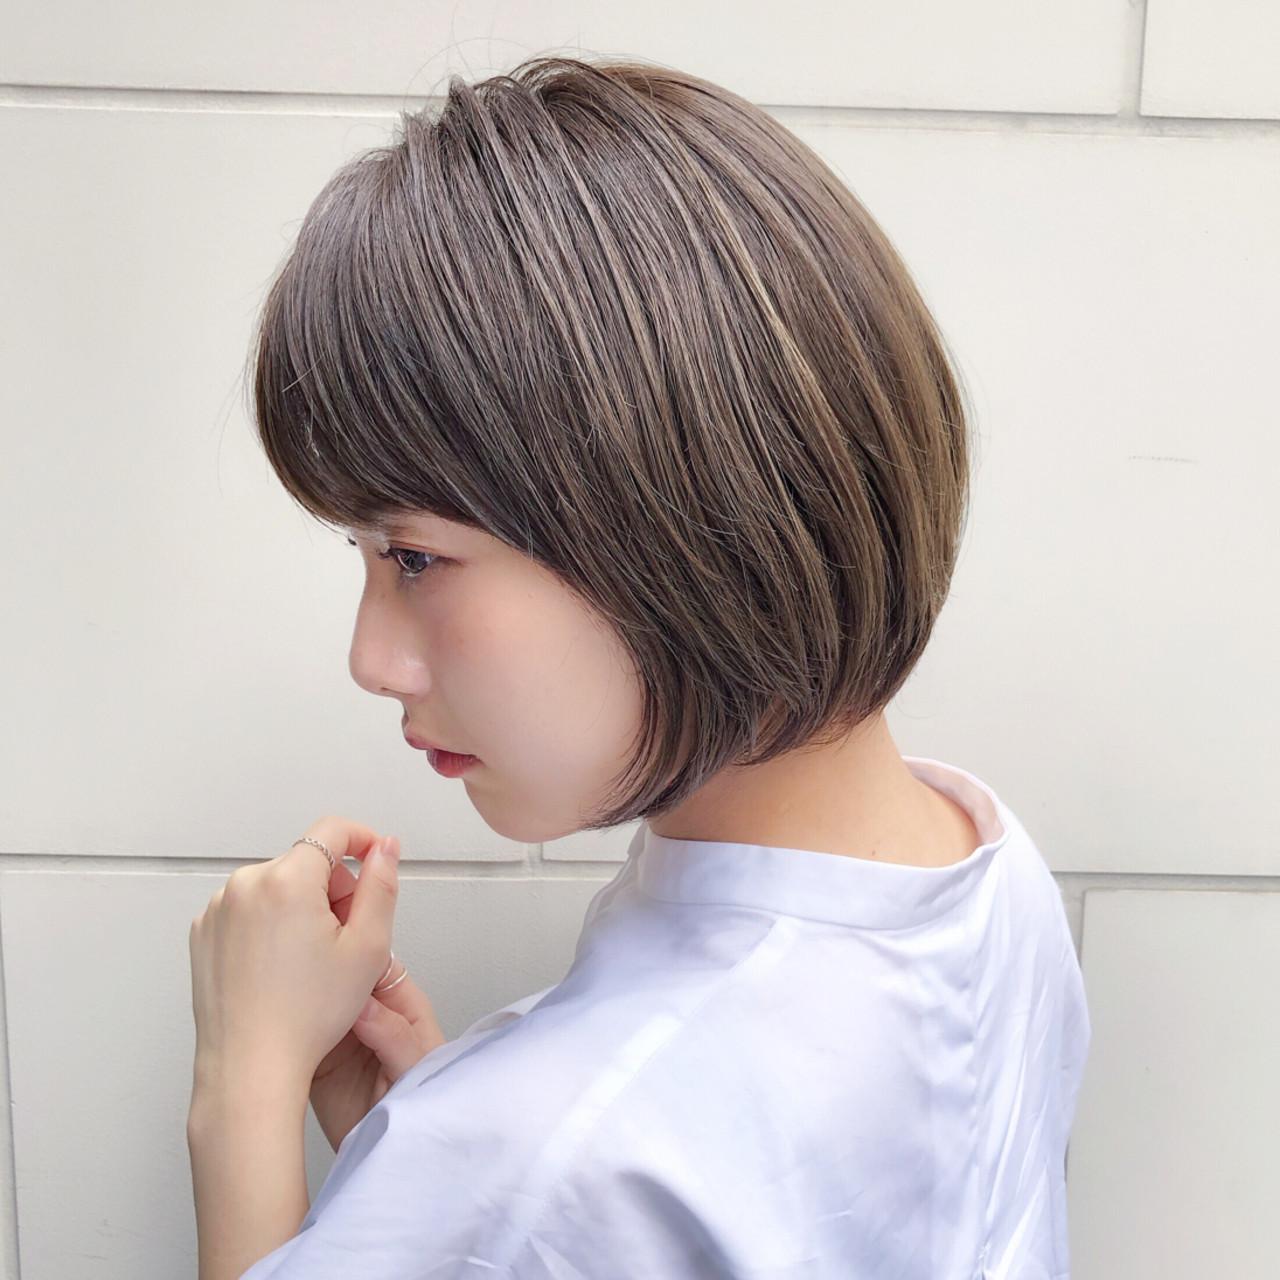 モテボブ ナチュラル ボブ パーマ ヘアスタイルや髪型の写真・画像 | 趙 英来 (よん) / nex